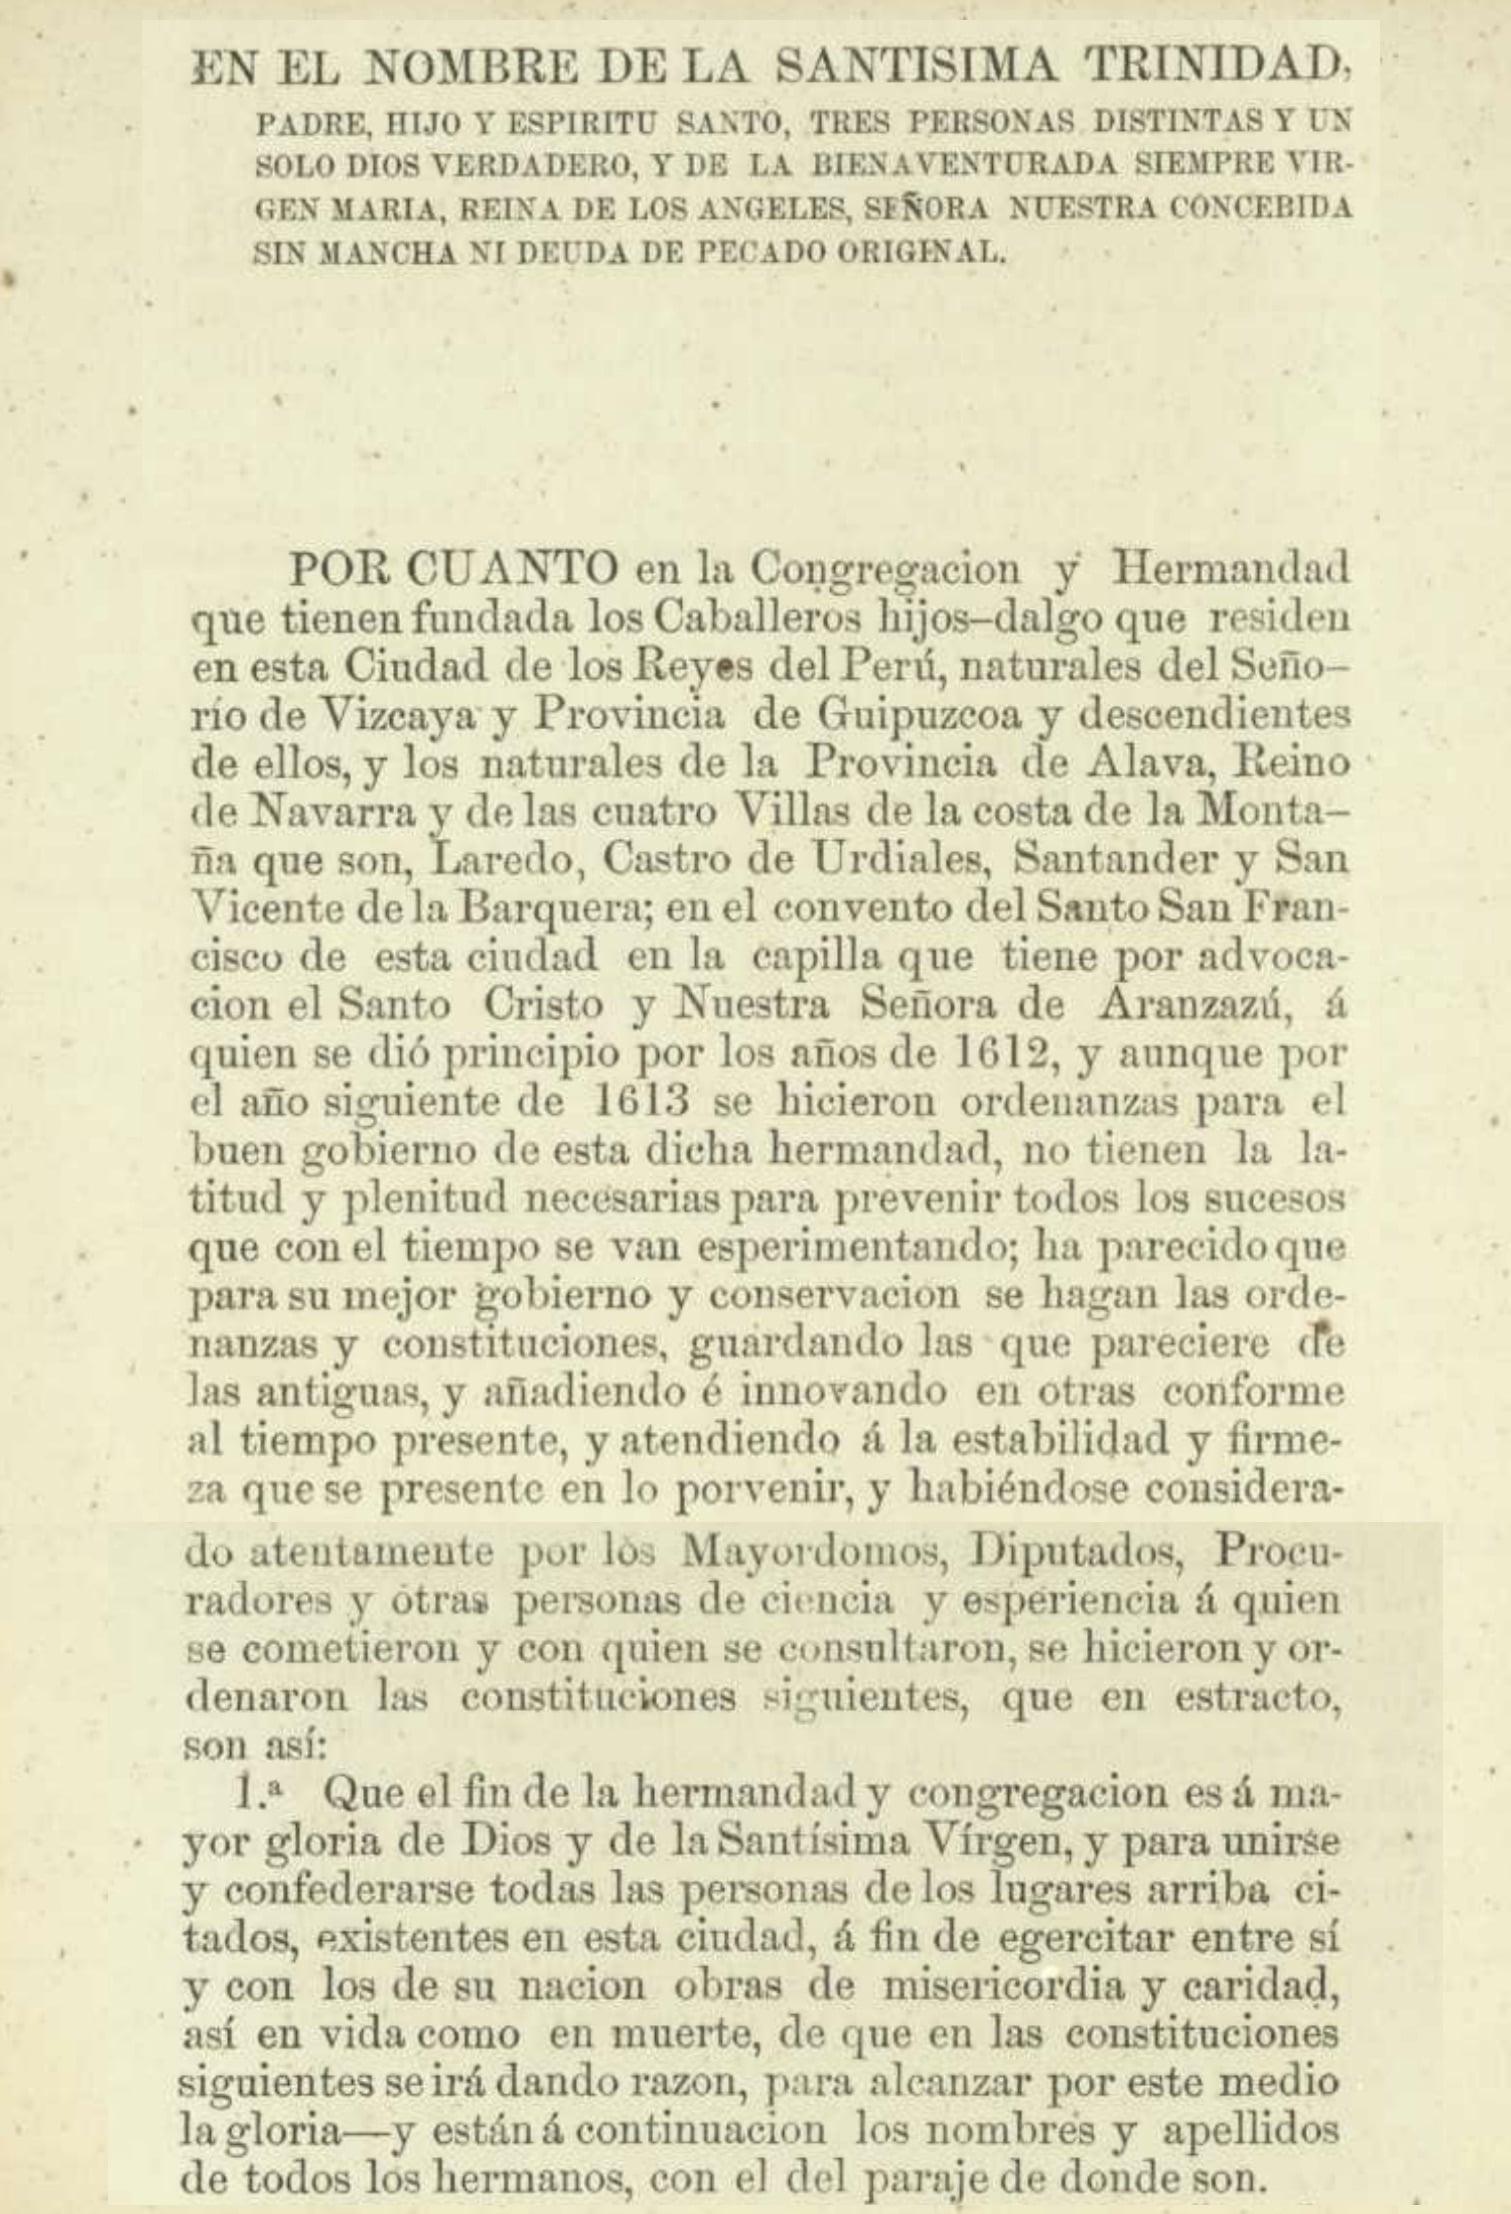 Primera página de laconstitución de la Hermandad nuestra Señora de Aranzazuen Lima